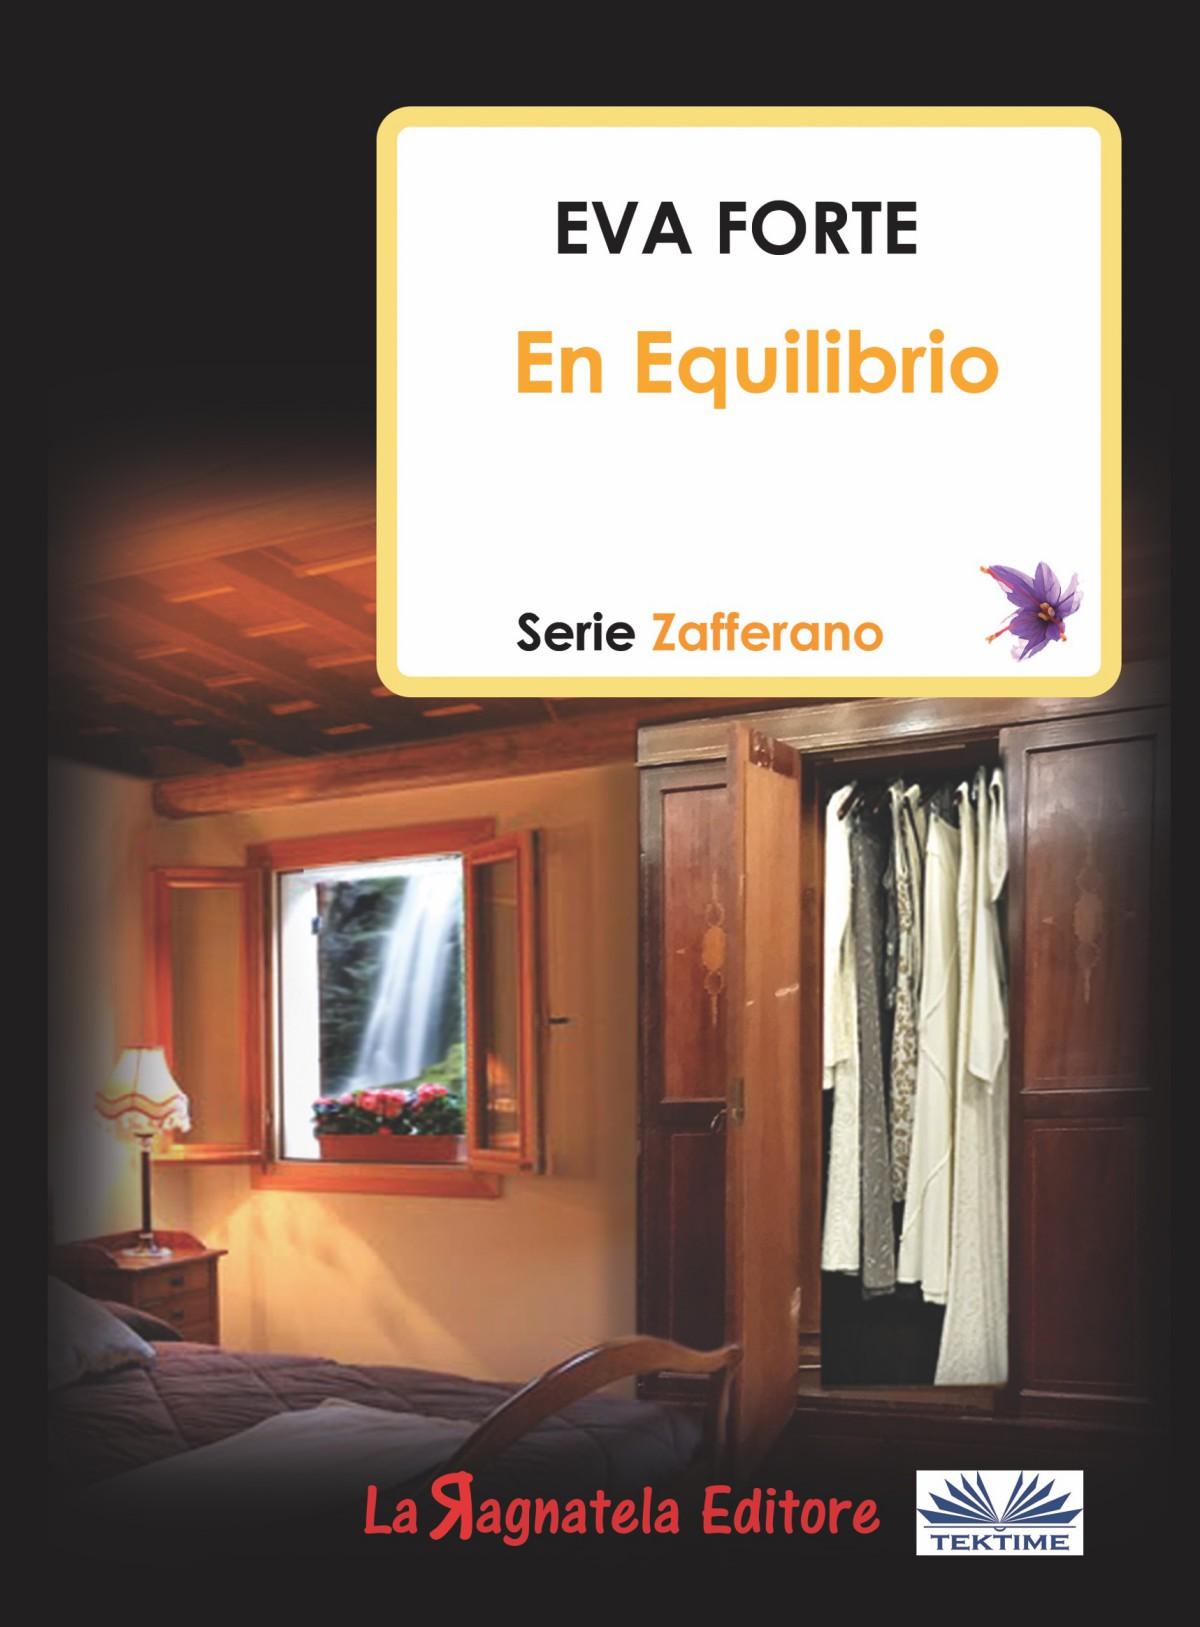 Eva Forte En Equilibrio romanticismo en la vida y la obra de chopin